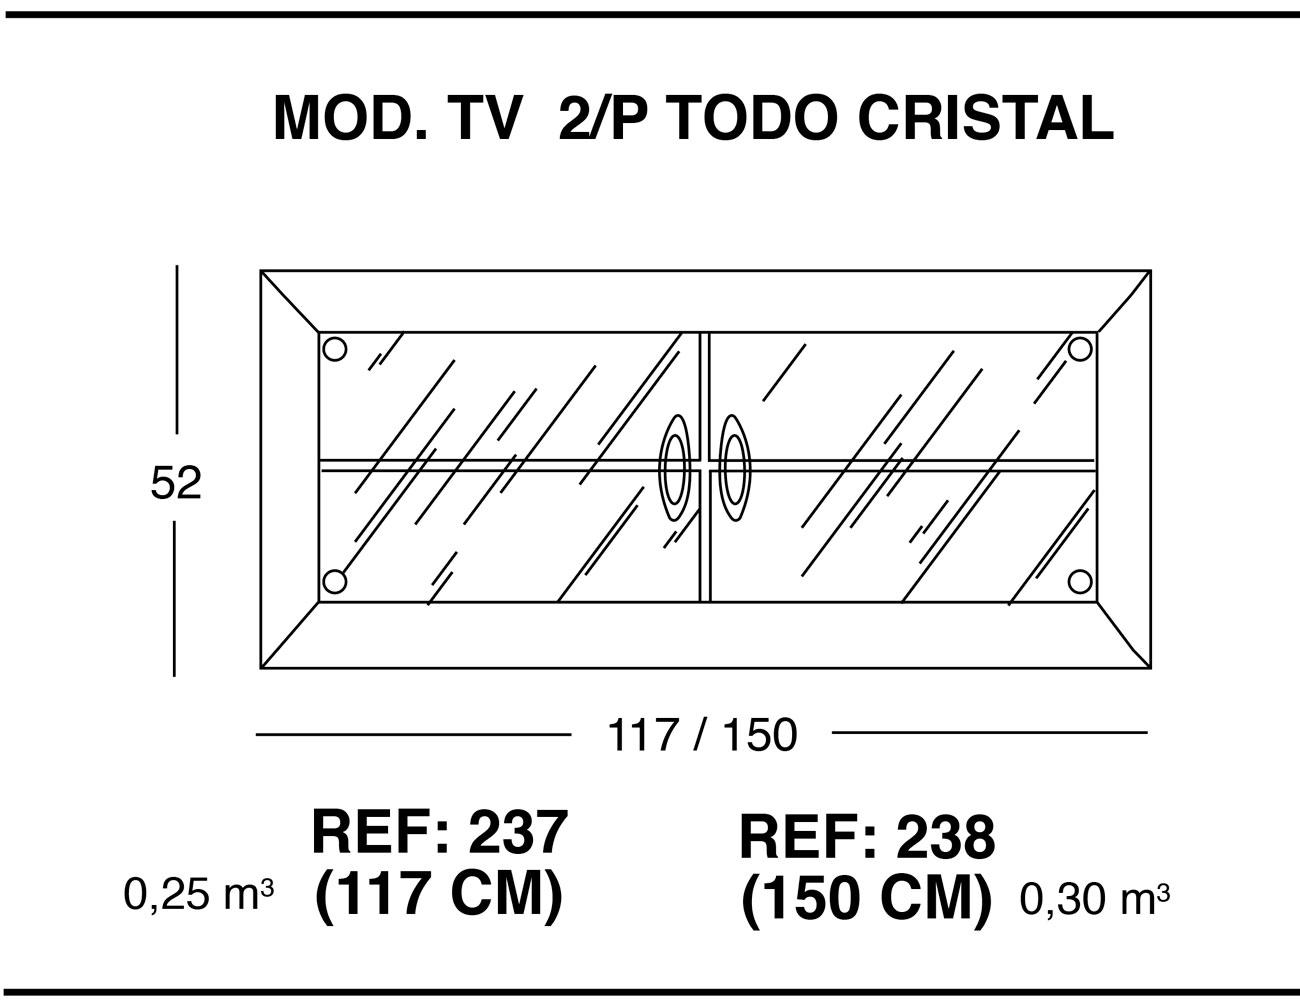 Modulo tv 2p todo cristal1